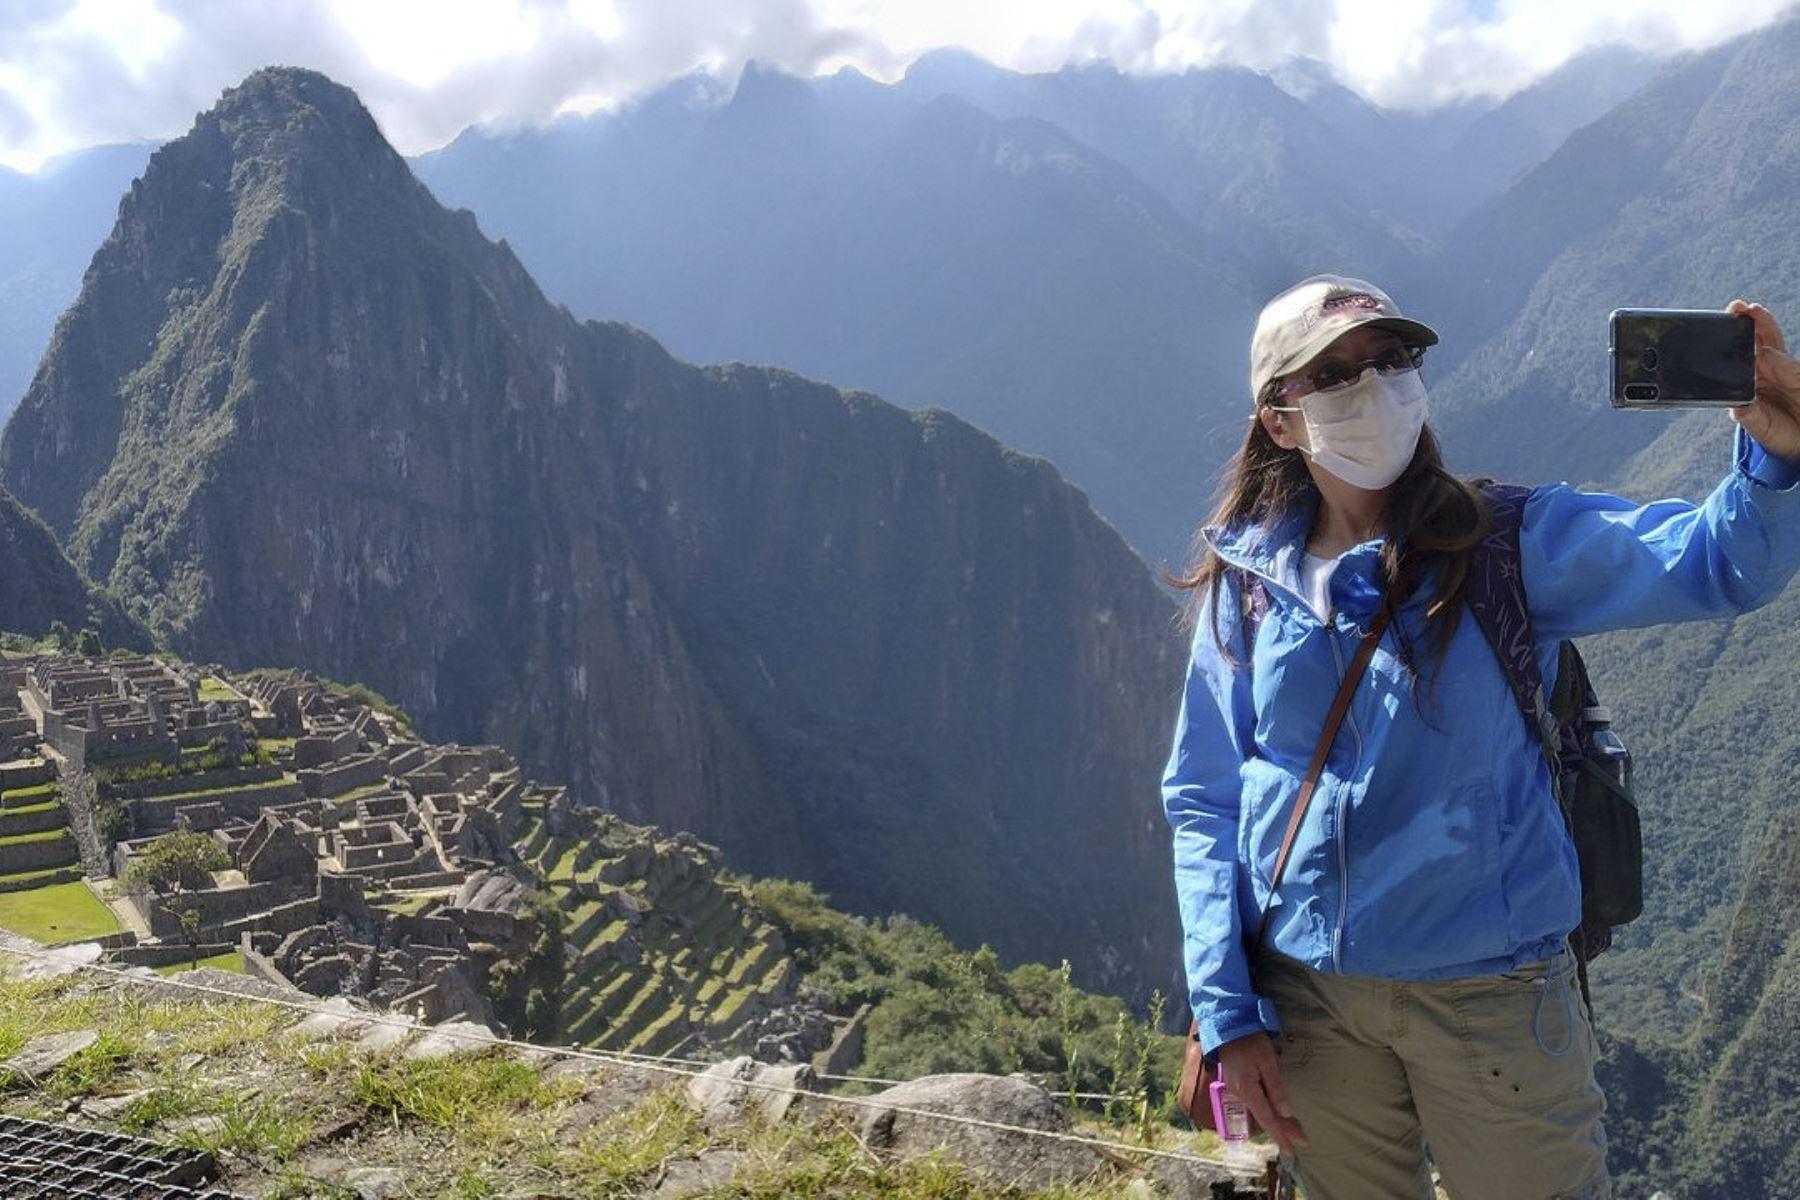 Día Mundial del Turismo: prepárate para volver a estos destinos emblemáticos del Perú | Noticias